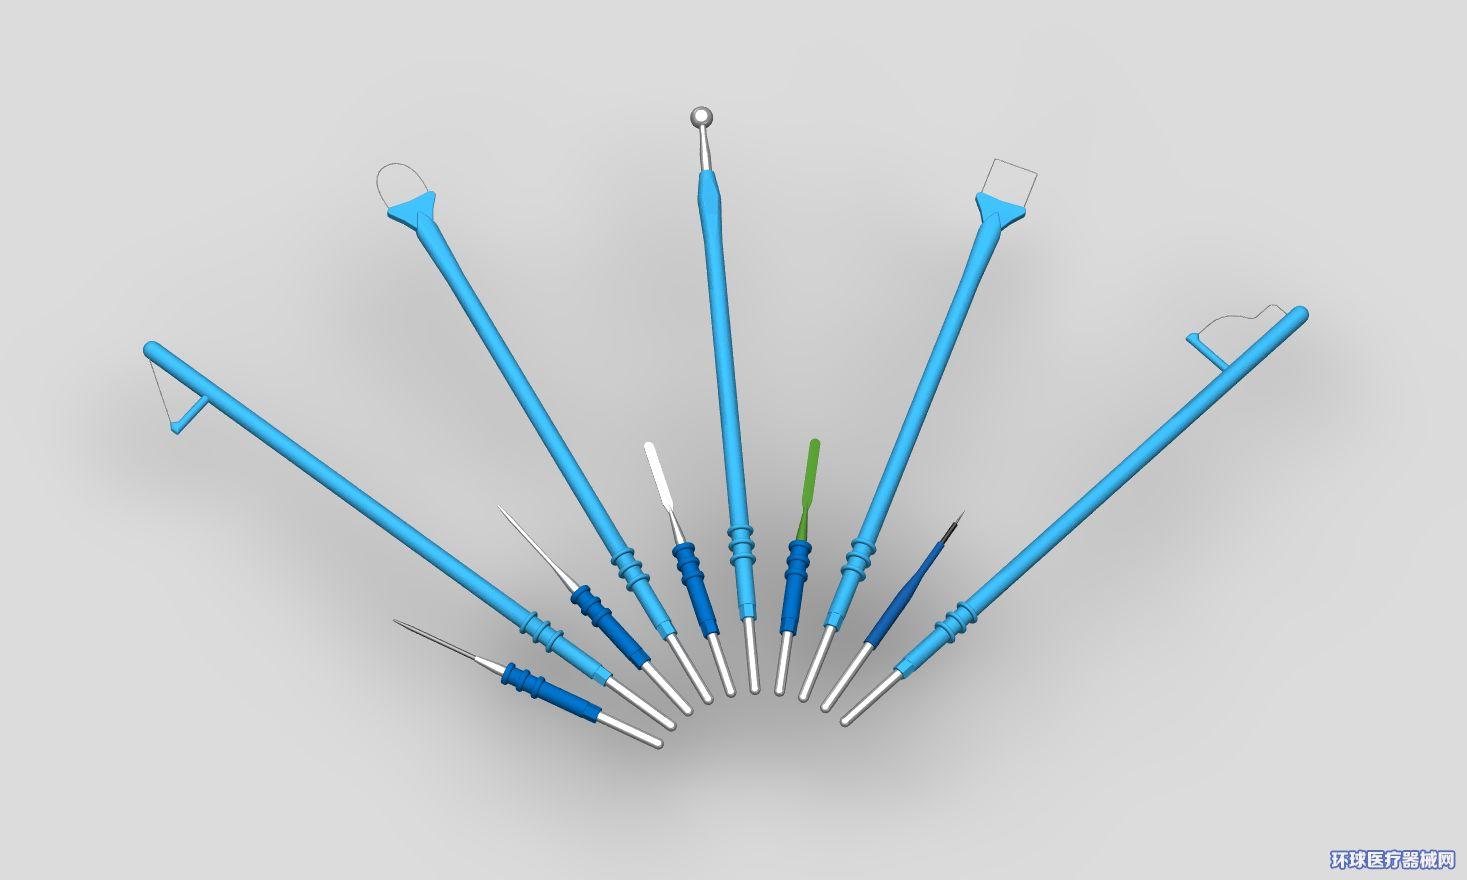 消融电极(高频钨针电极/刮吸刀/利普刀刀头/双极电凝镊)